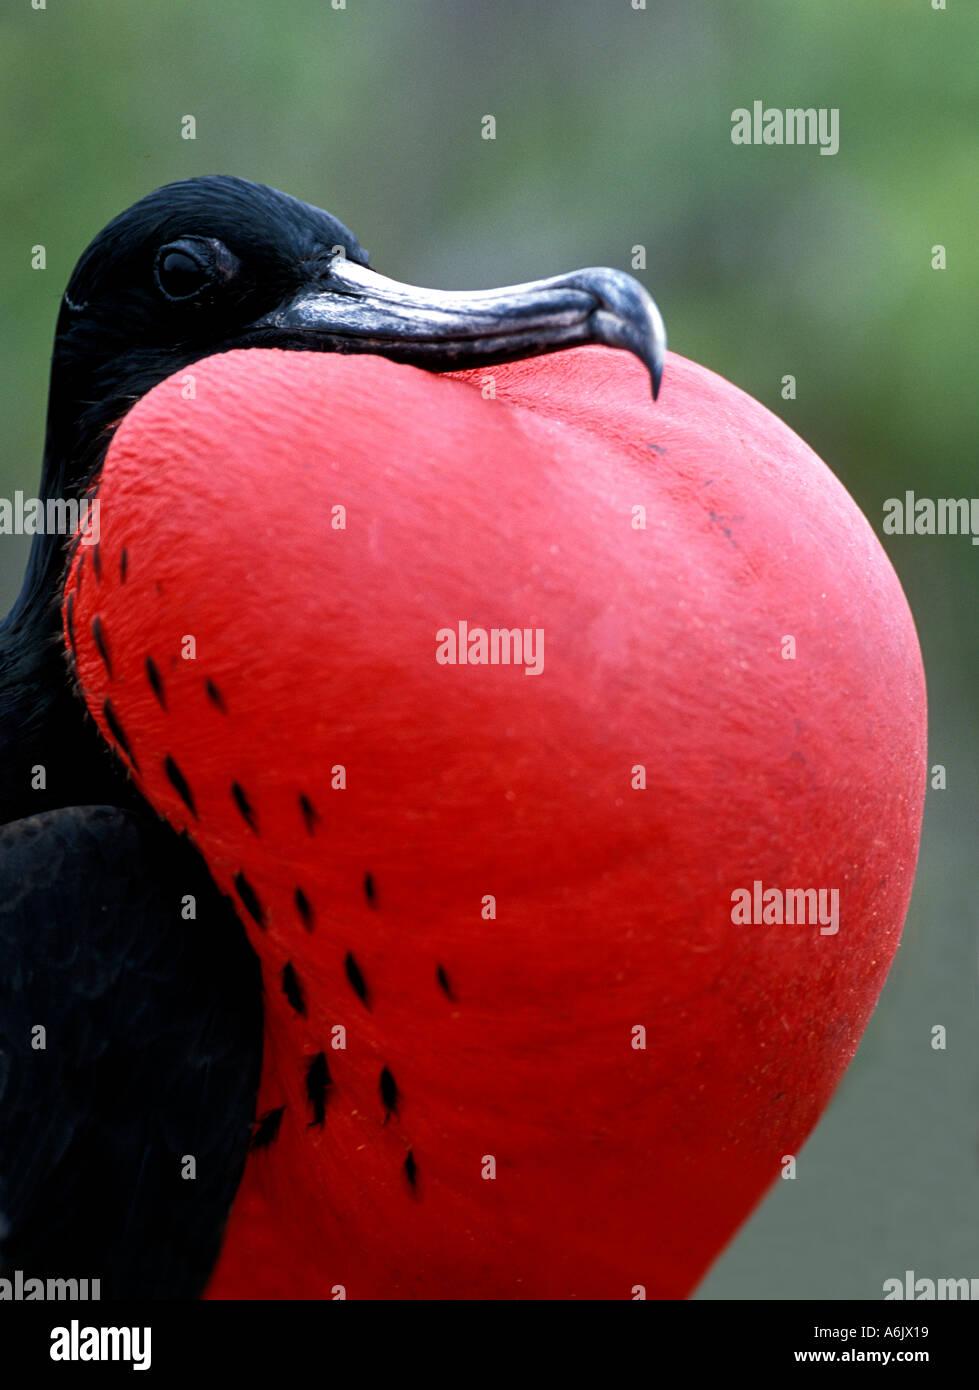 Großen Fregattvogels männlichen Fregata minor Turm Insel Galapagos Ecuador Paarung Gefieder Stockbild